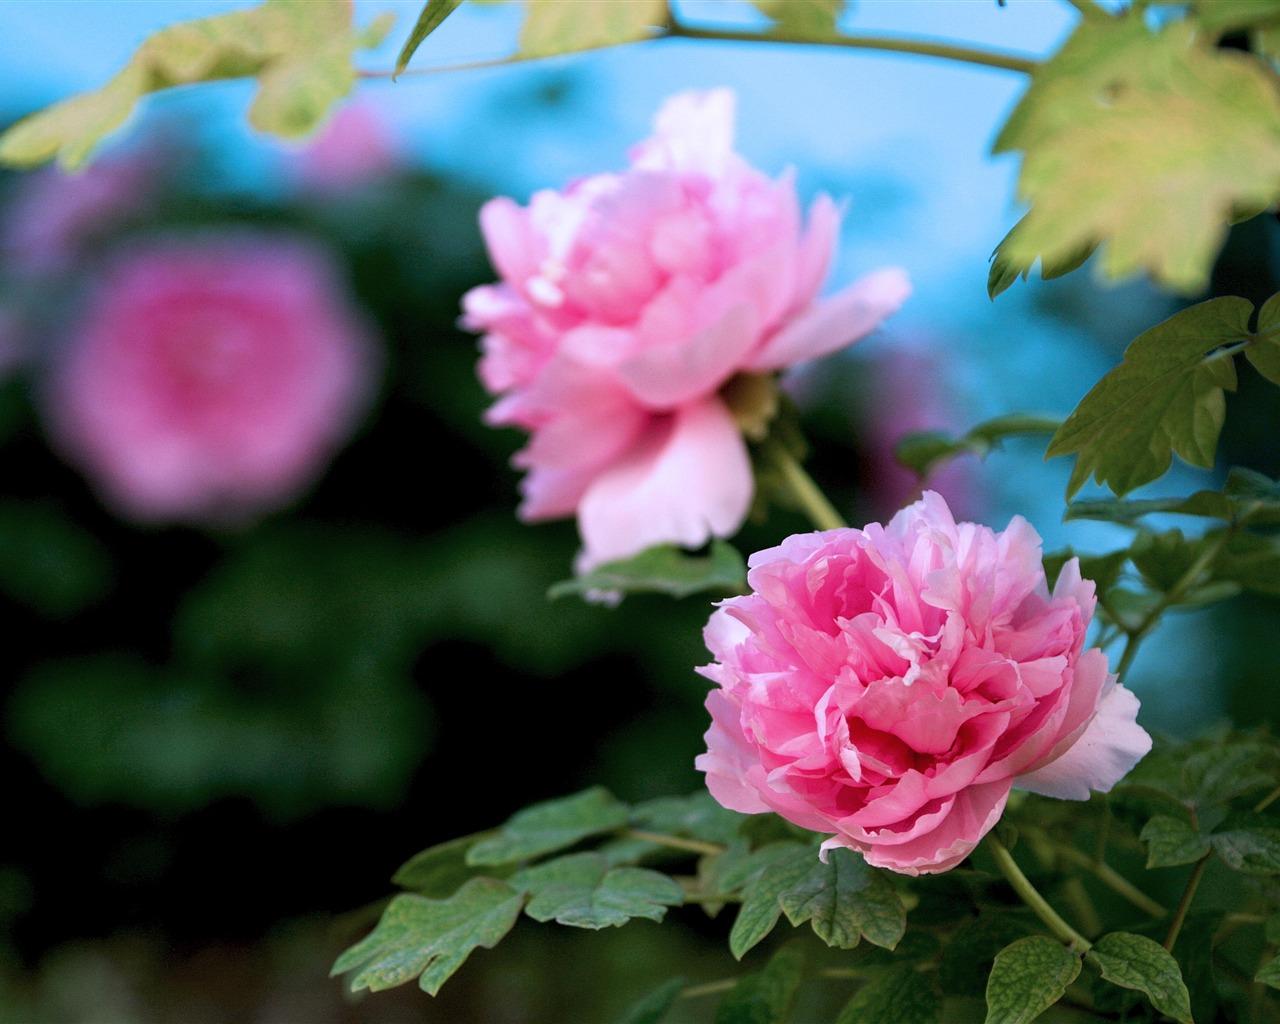 美しい花 明るい牡丹の花写真壁紙プレビュー 10wallpaper Com